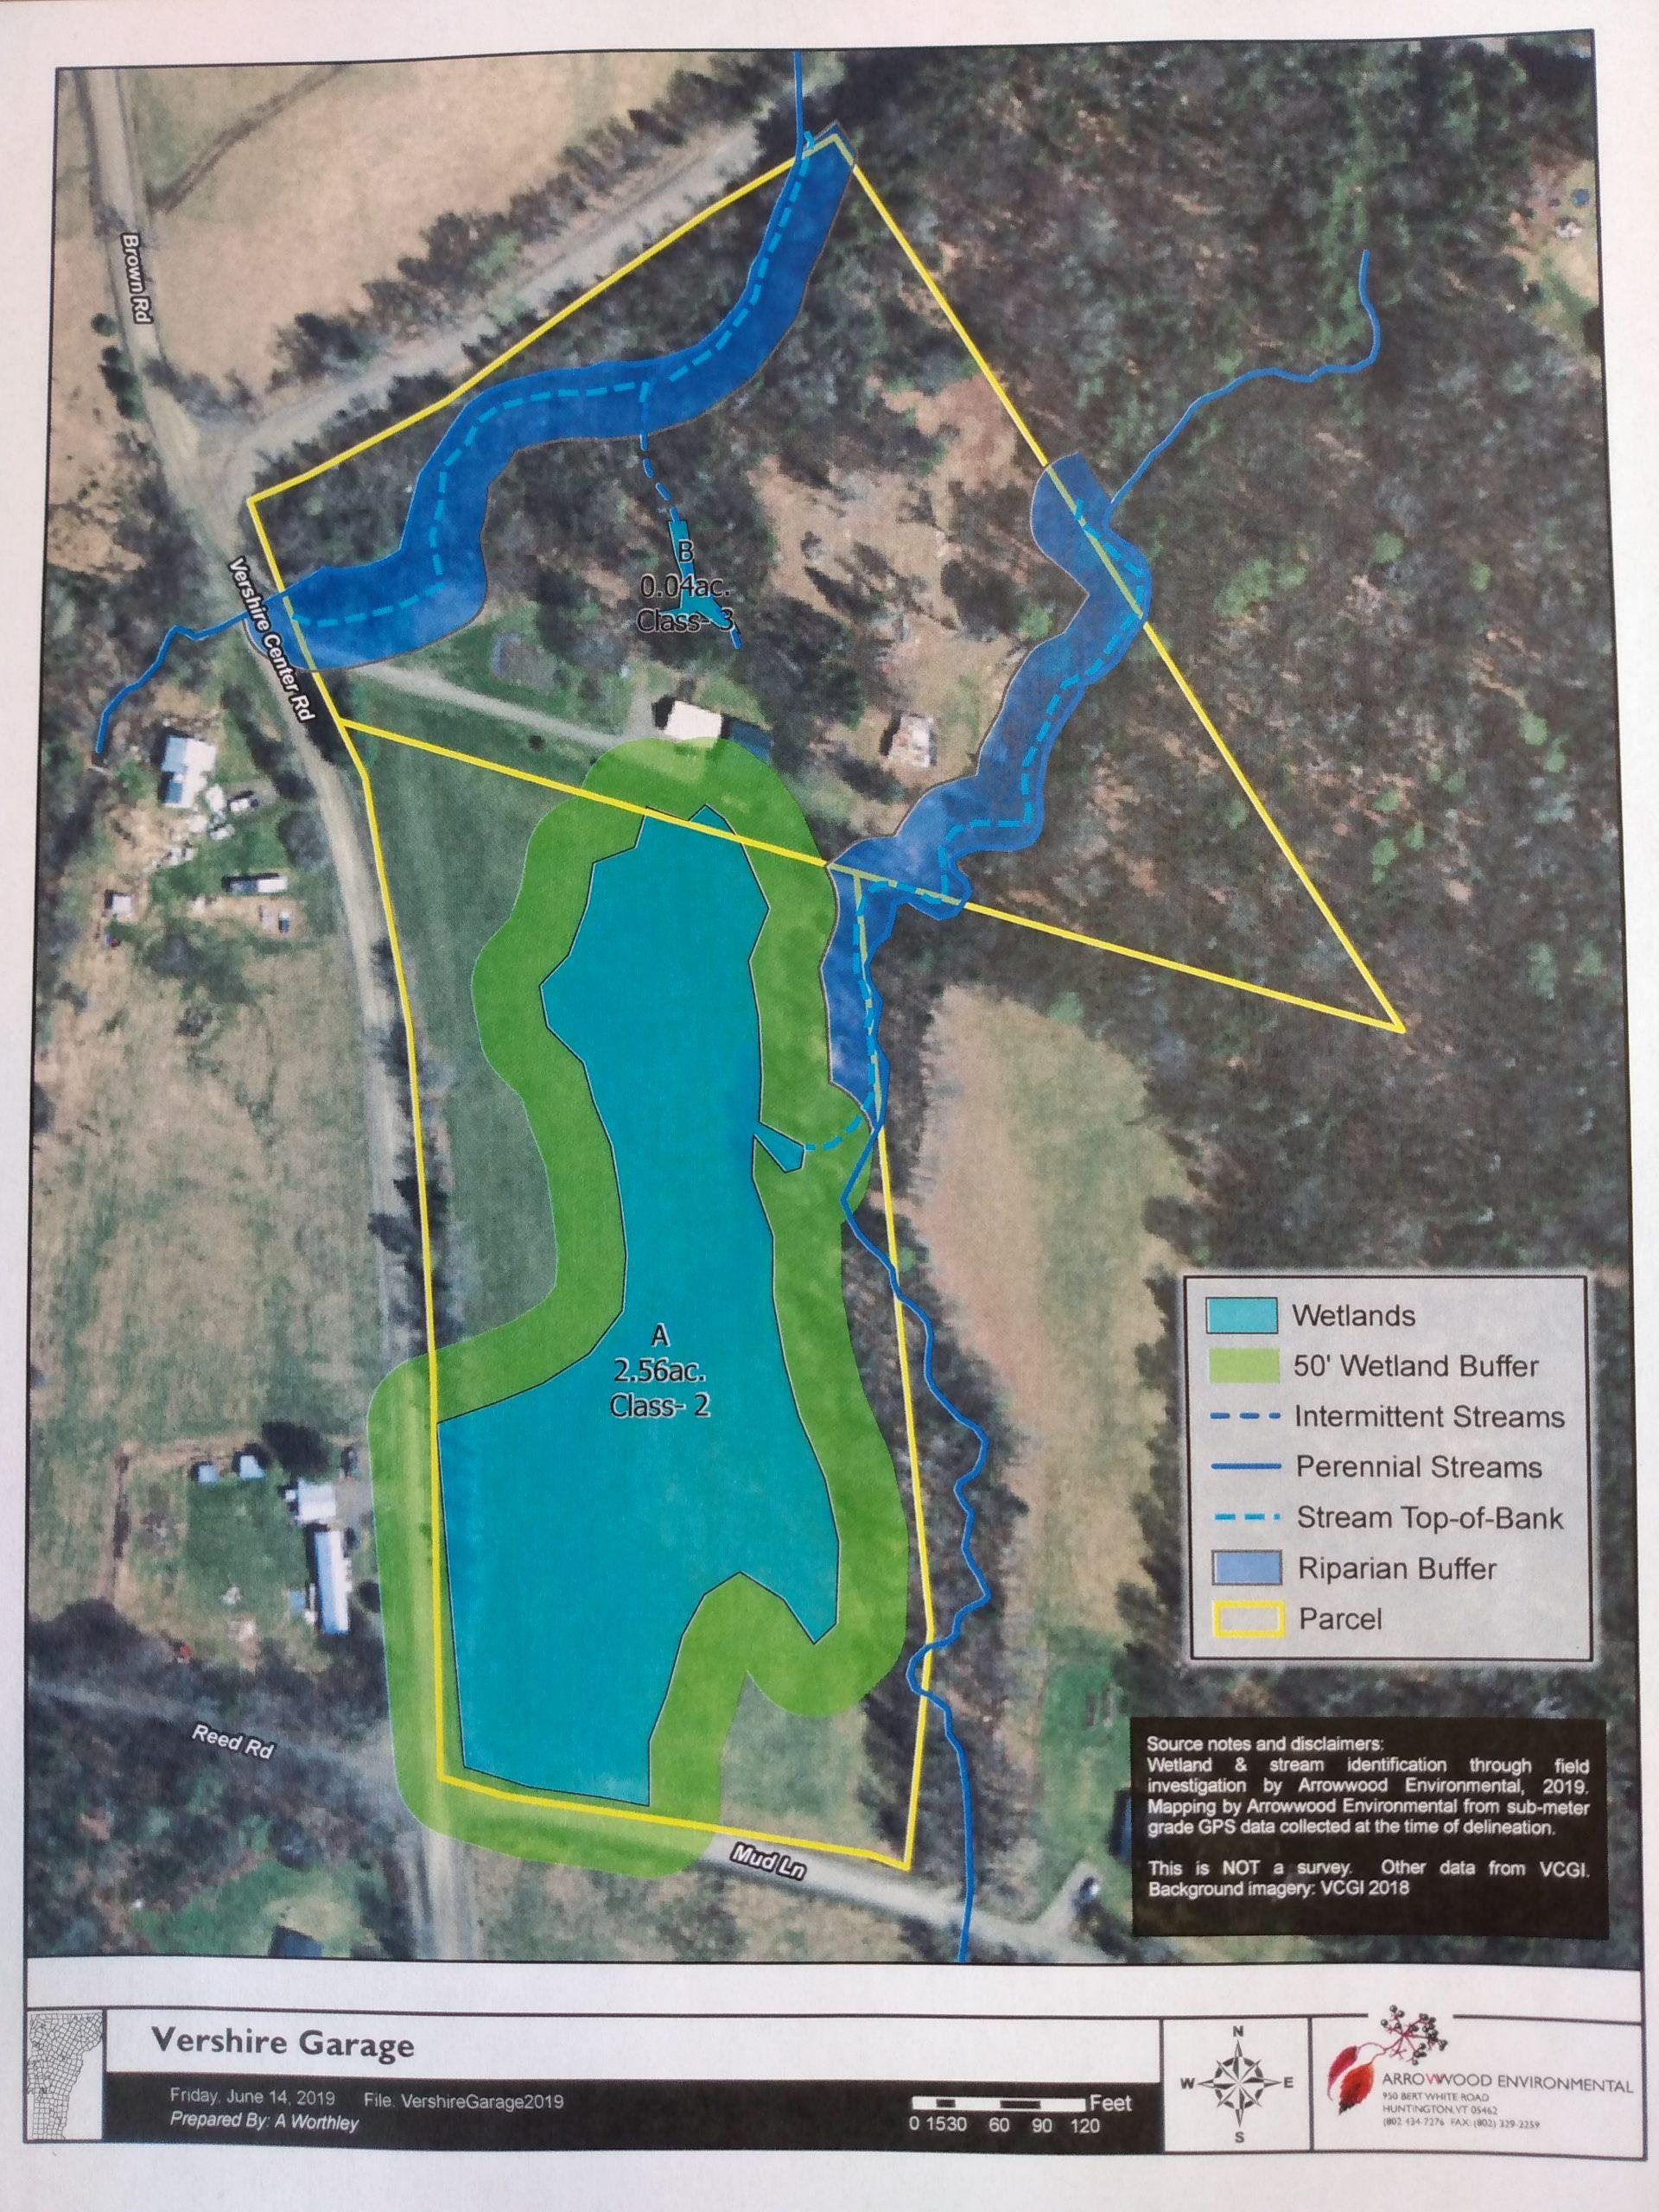 Wetland at 815 VCR